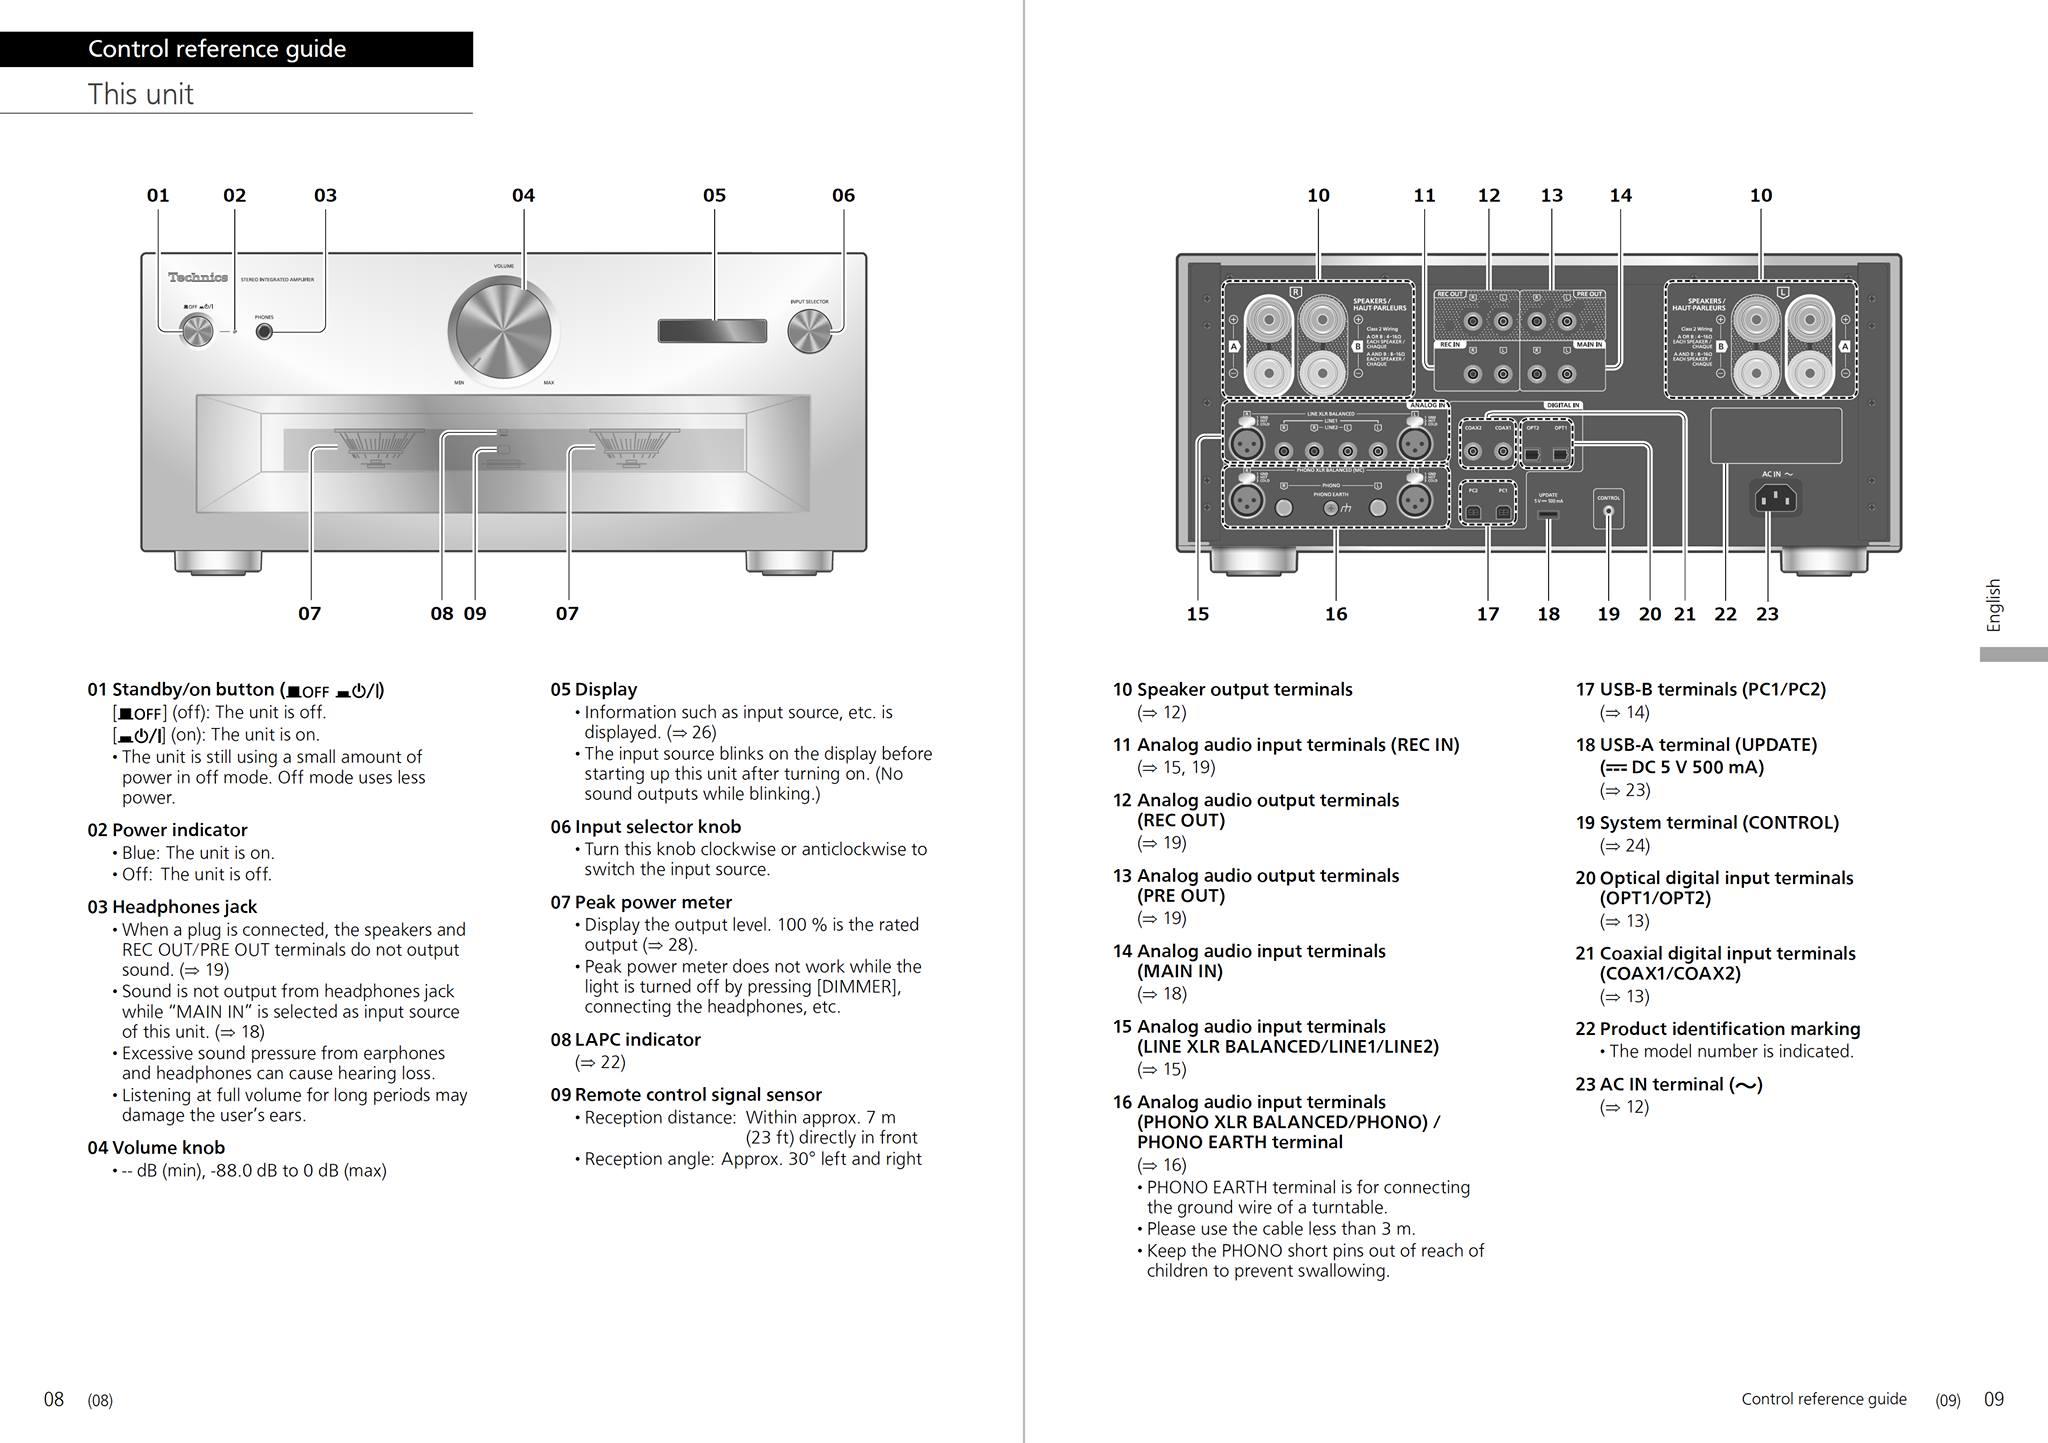 SU-R1000 Control reference guide